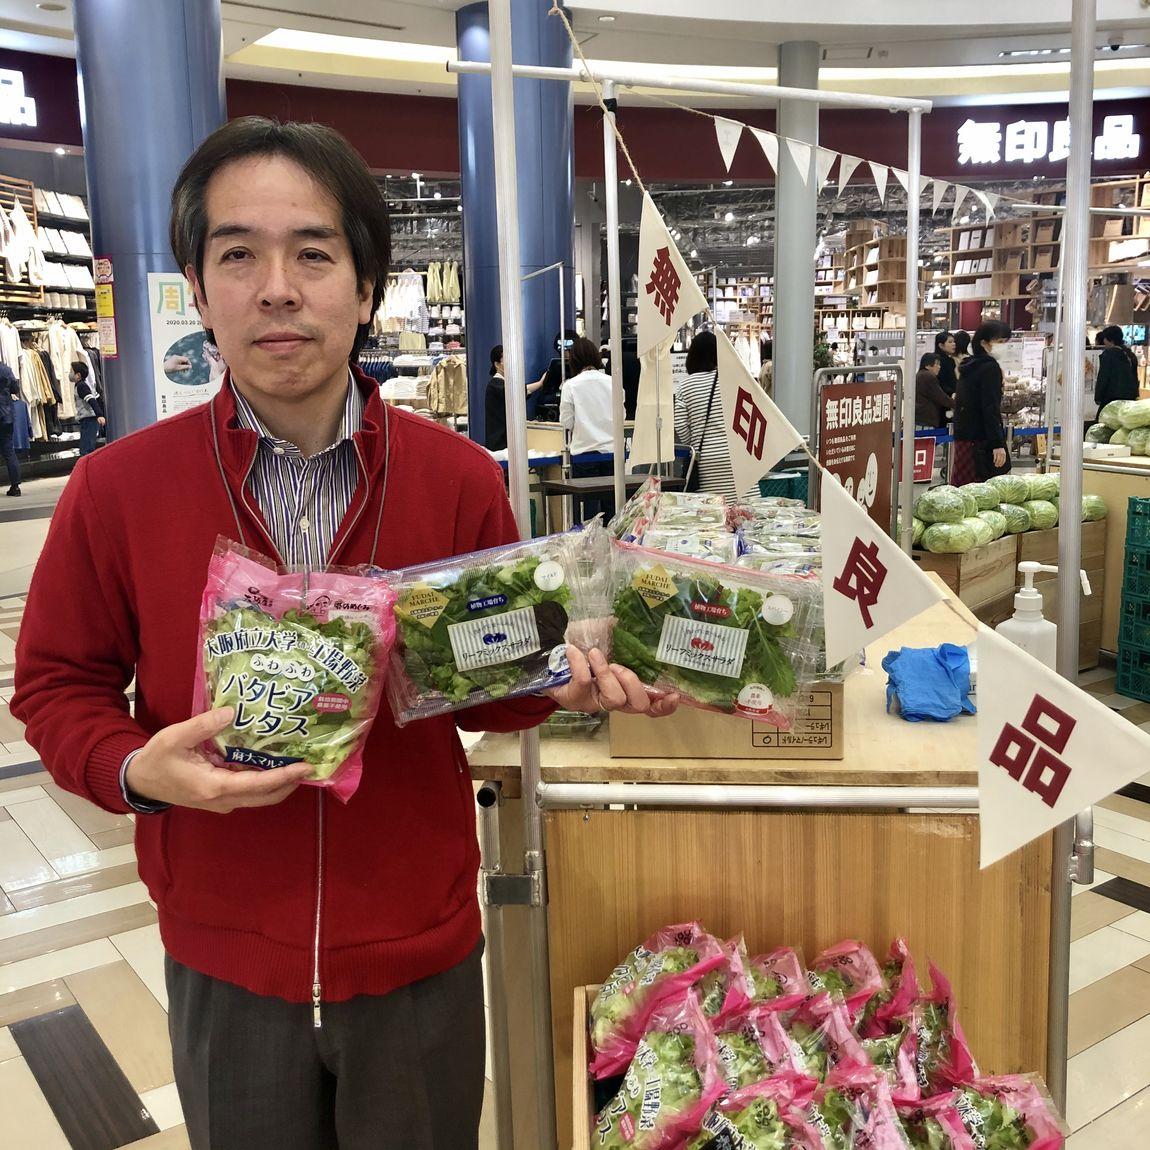 【堺北花田】マルシェは今日が最終日。『周年市マルシェー生産者さんからありがとうー』